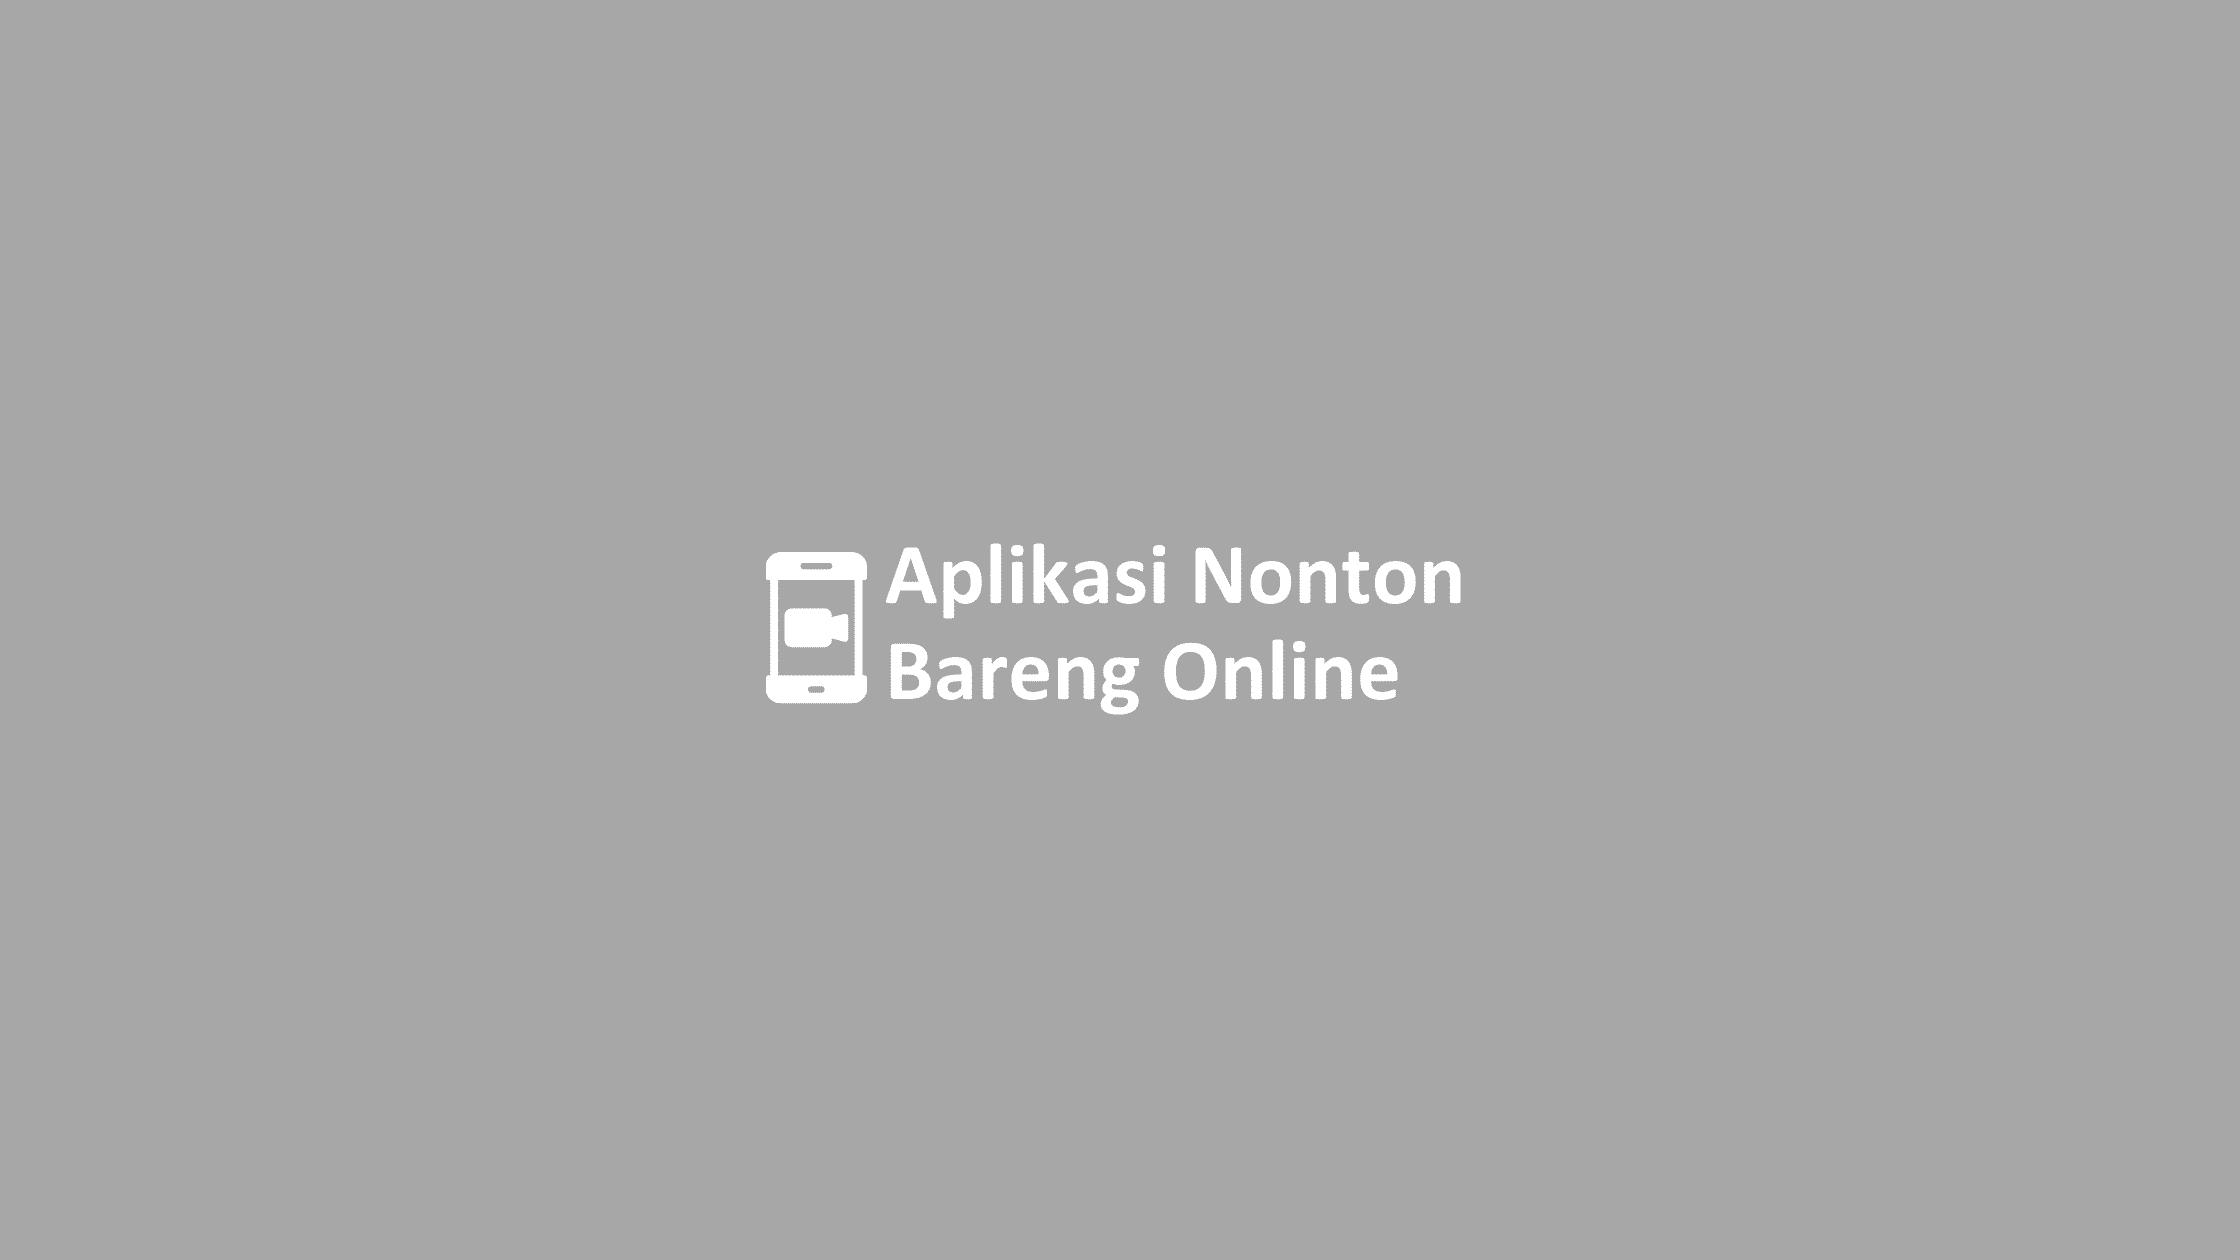 aplikasi nonton bareng online